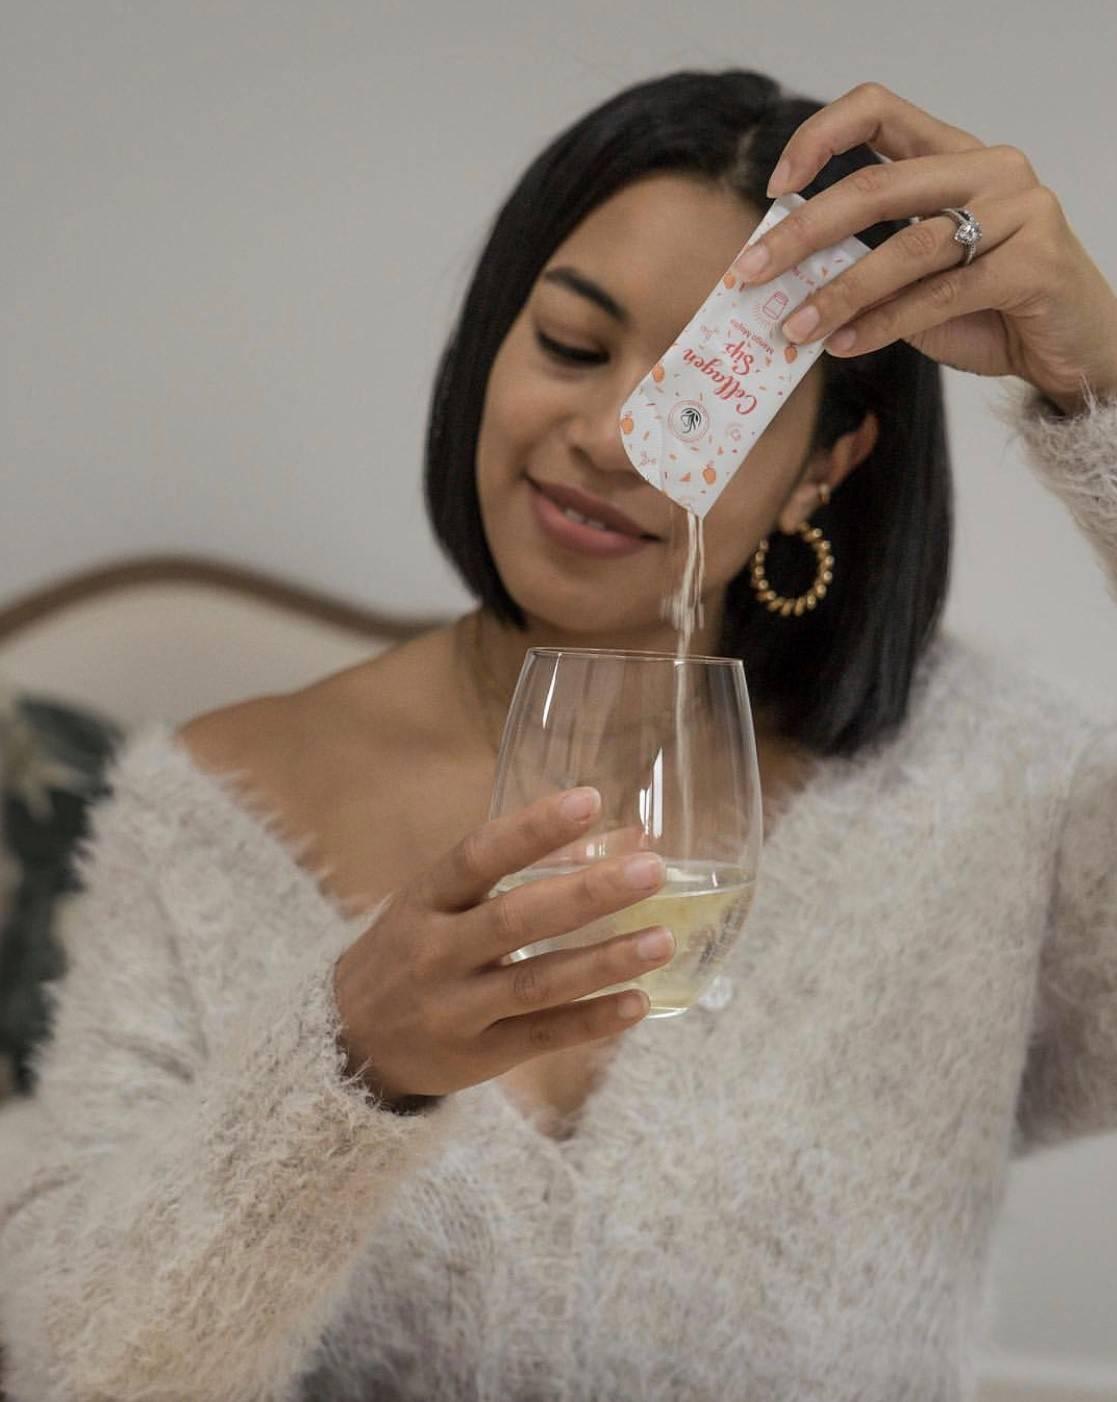 kim seidensticker pouring just bloom collagen sip